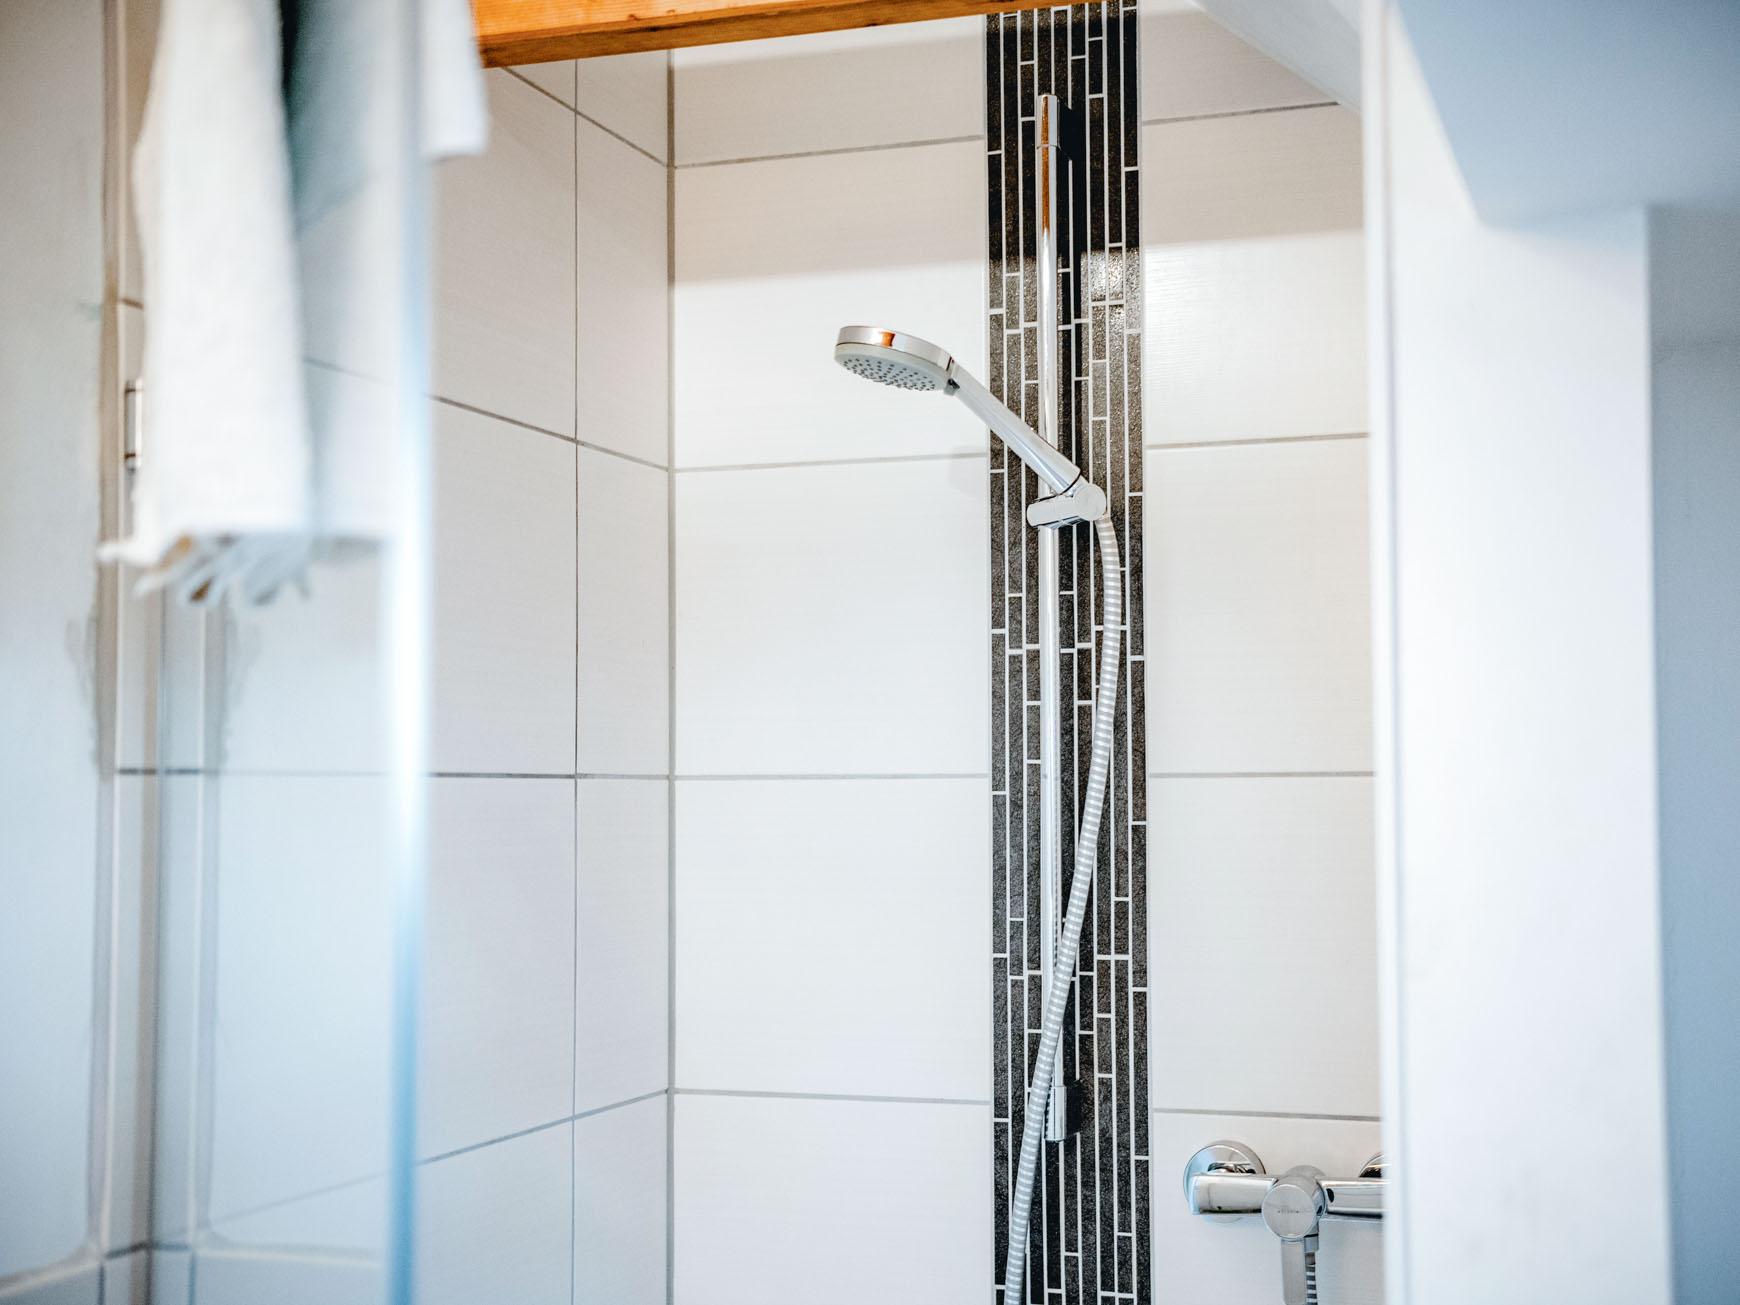 Ferienwohnung - Dusche im Bad